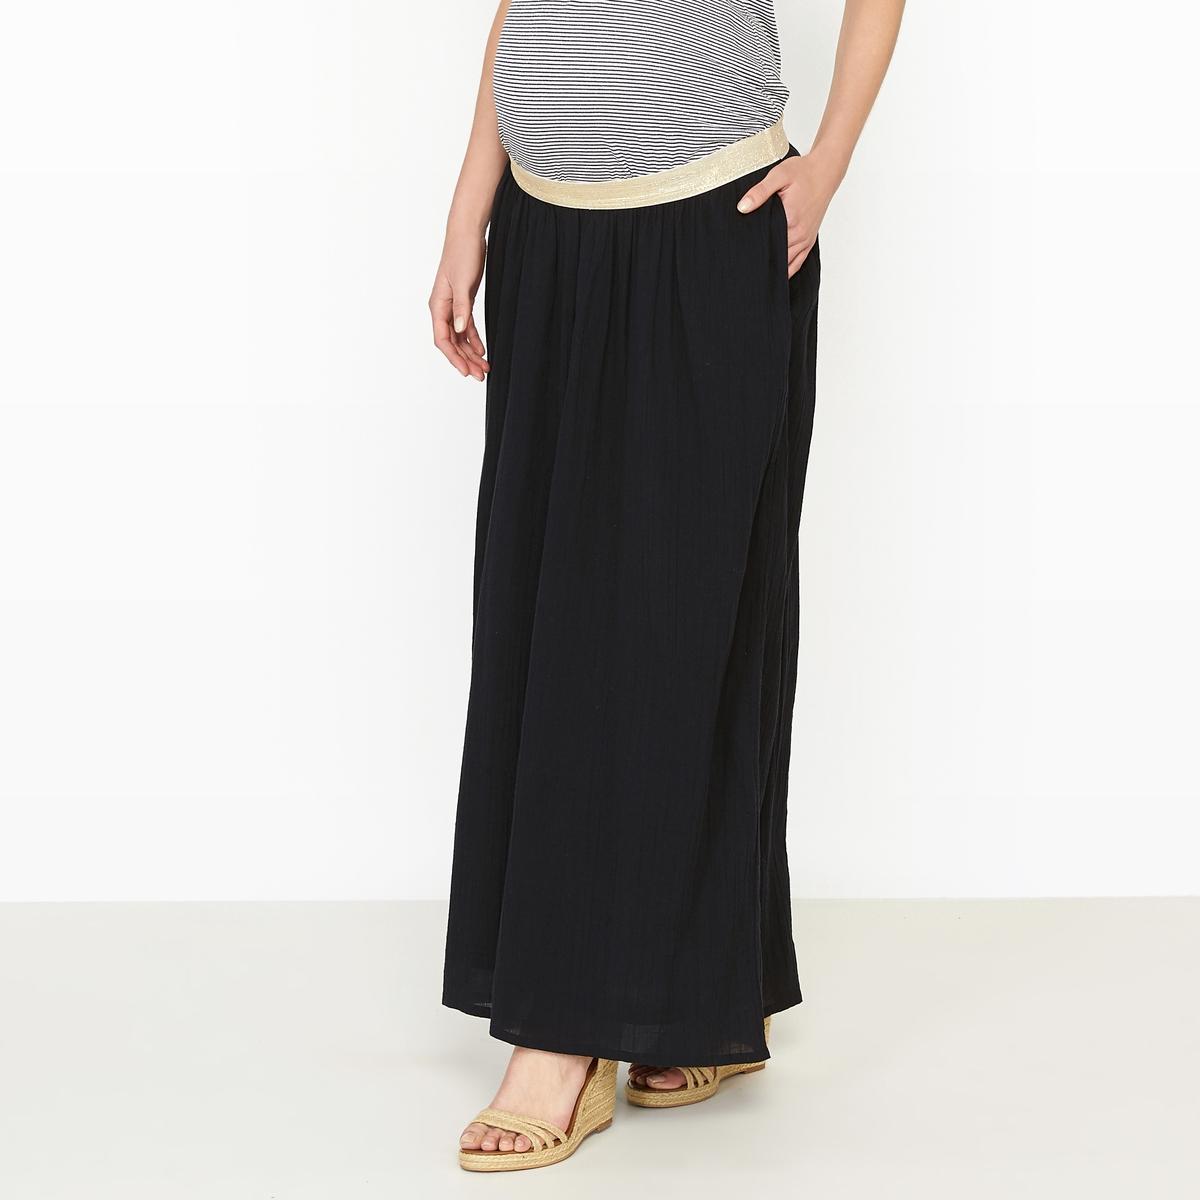 Юбка длинная для периода беременности